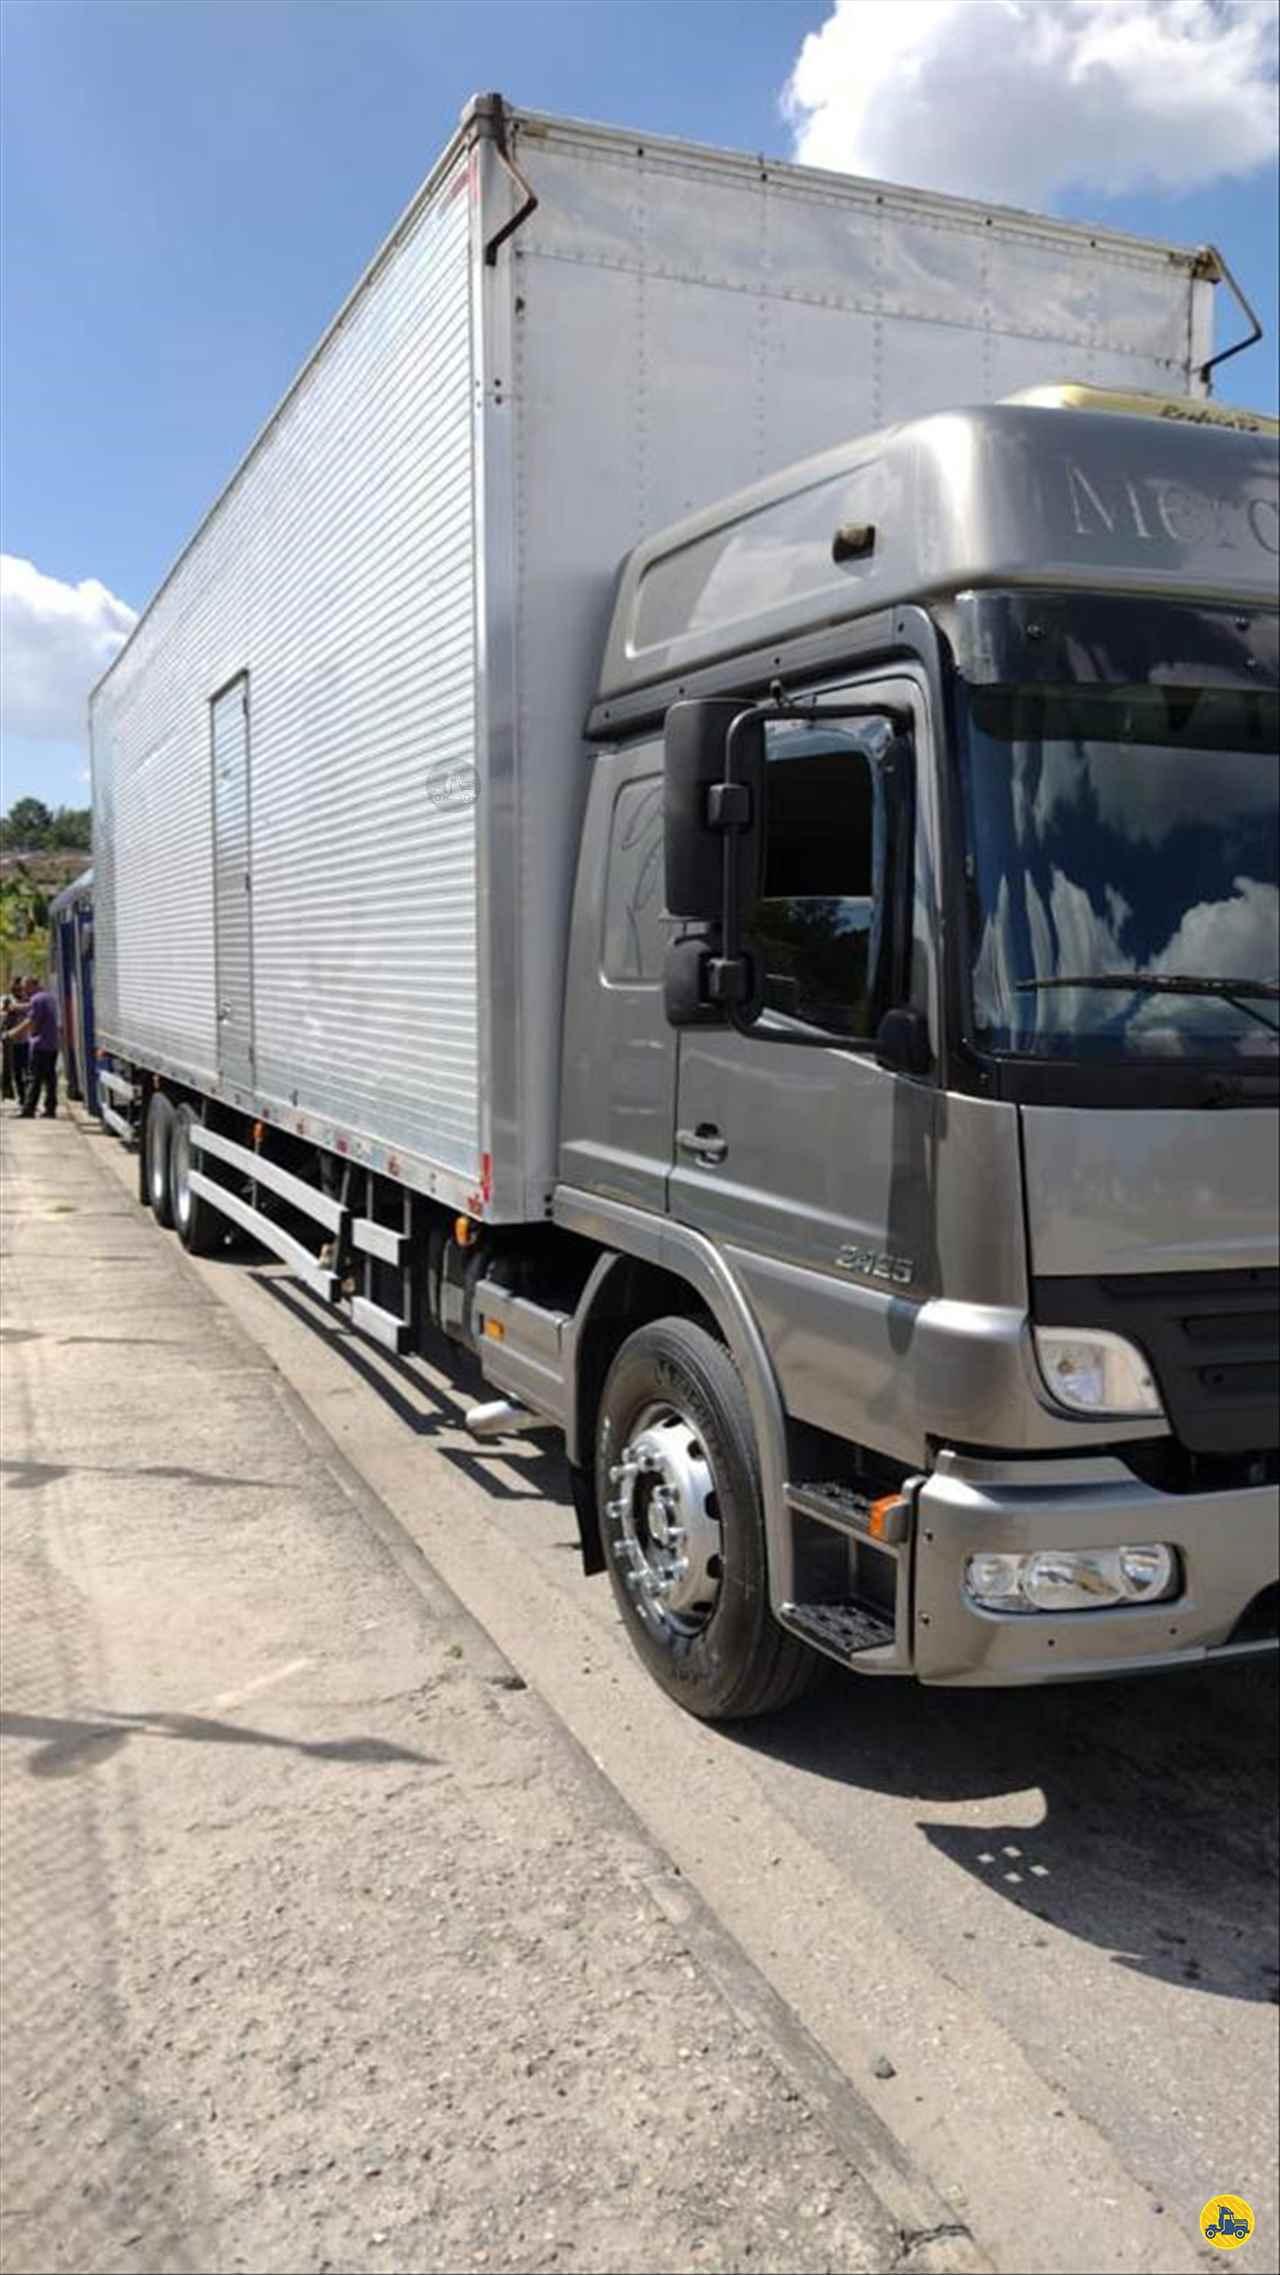 CAMINHAO MERCEDES-BENZ MB 2425 Baú Furgão Truck 6x2 Wilson Caminhões RIBEIRAO PIRES SÃO PAULO SP